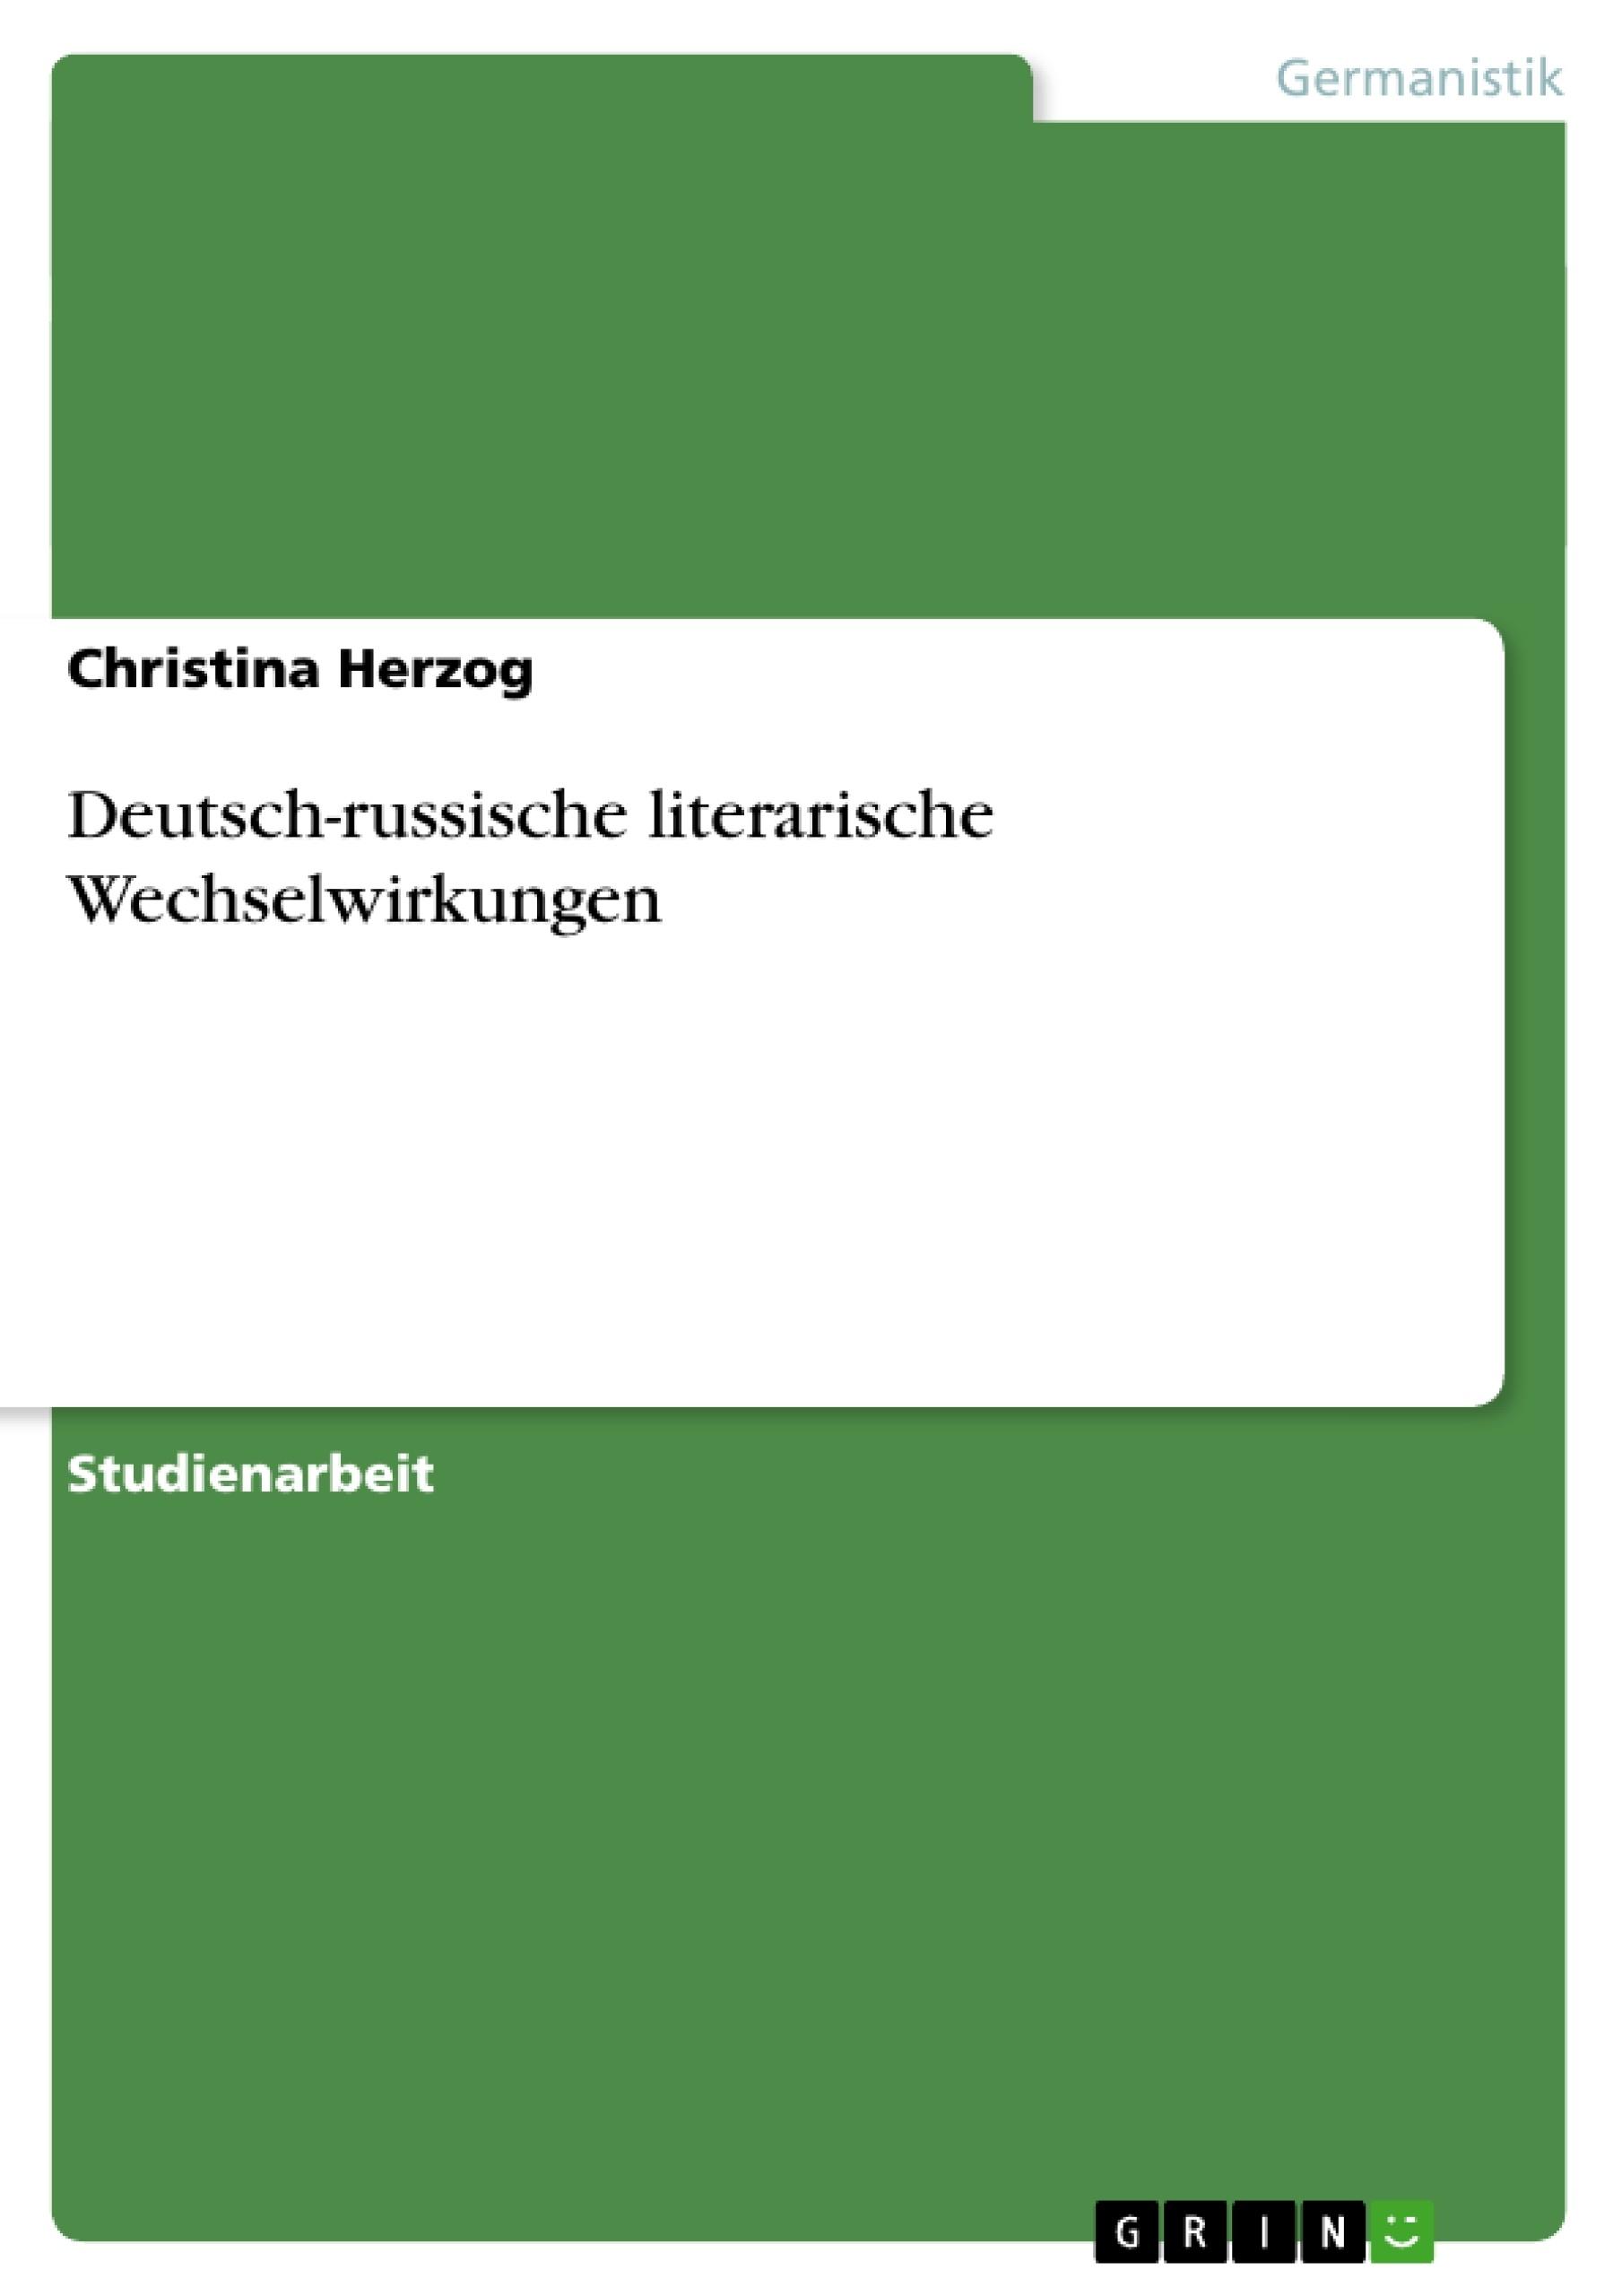 Titel: Deutsch-russische literarische Wechselwirkungen